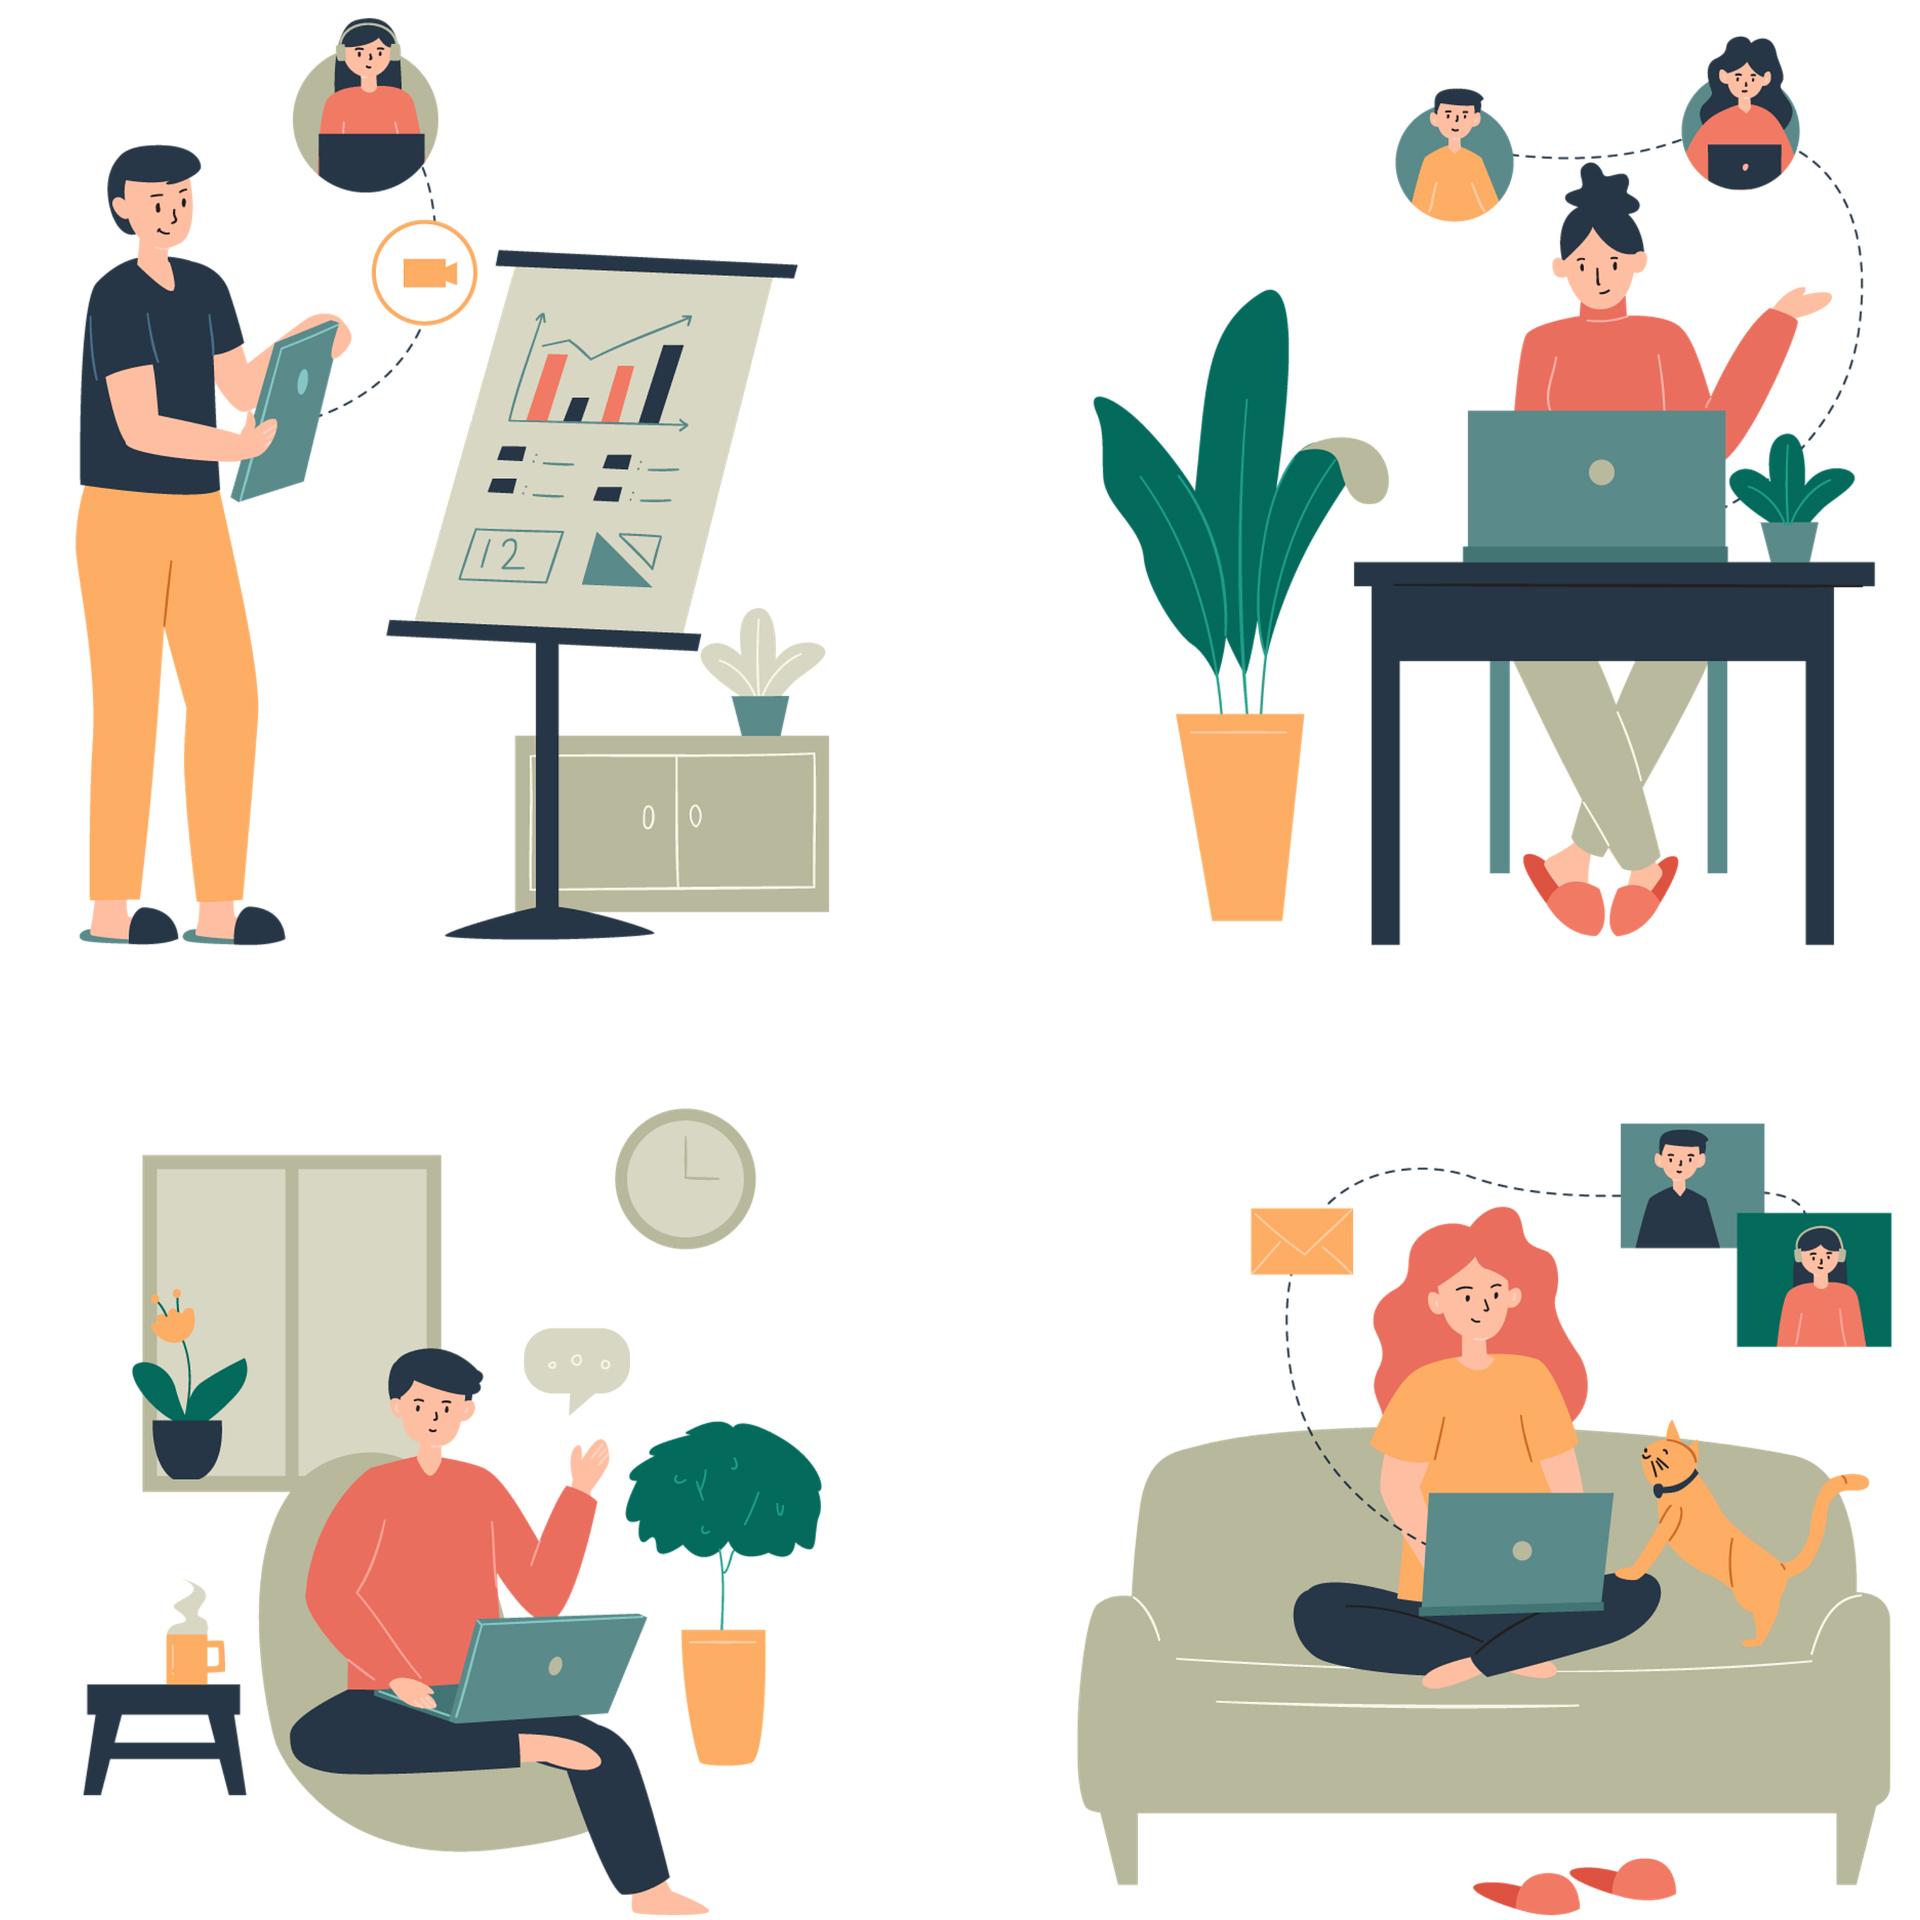 様々な場所で仕事をしている人達のイラスト